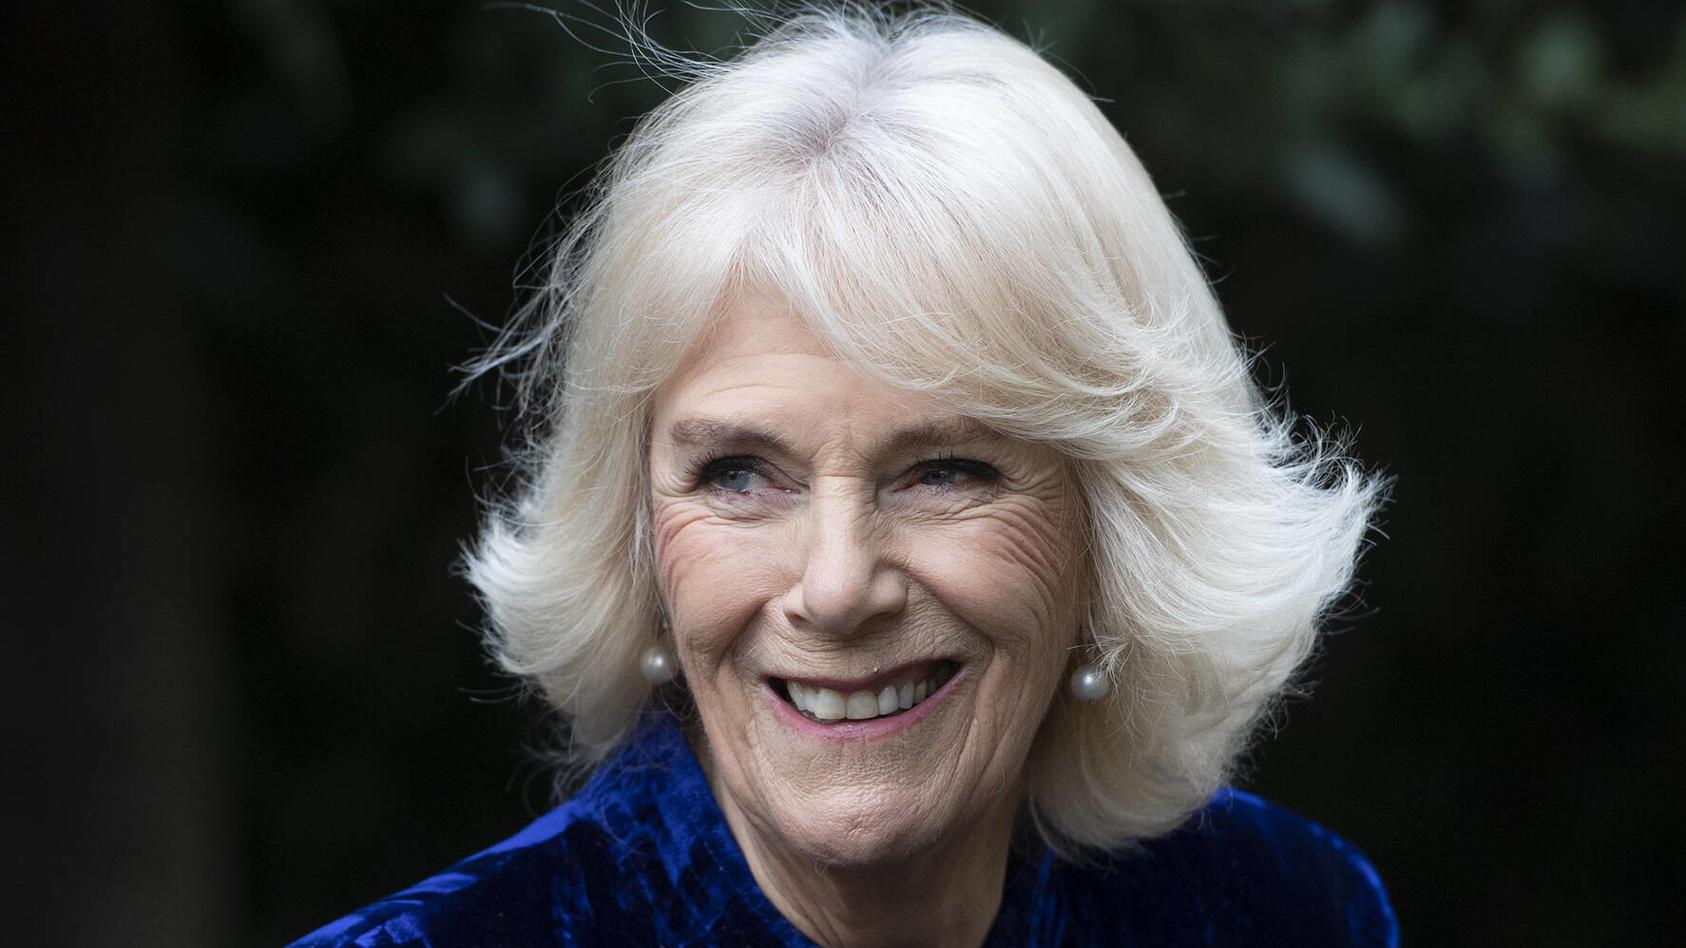 Herzogin Camilla hat gebacken und verrät ihr royales Tortenrezept